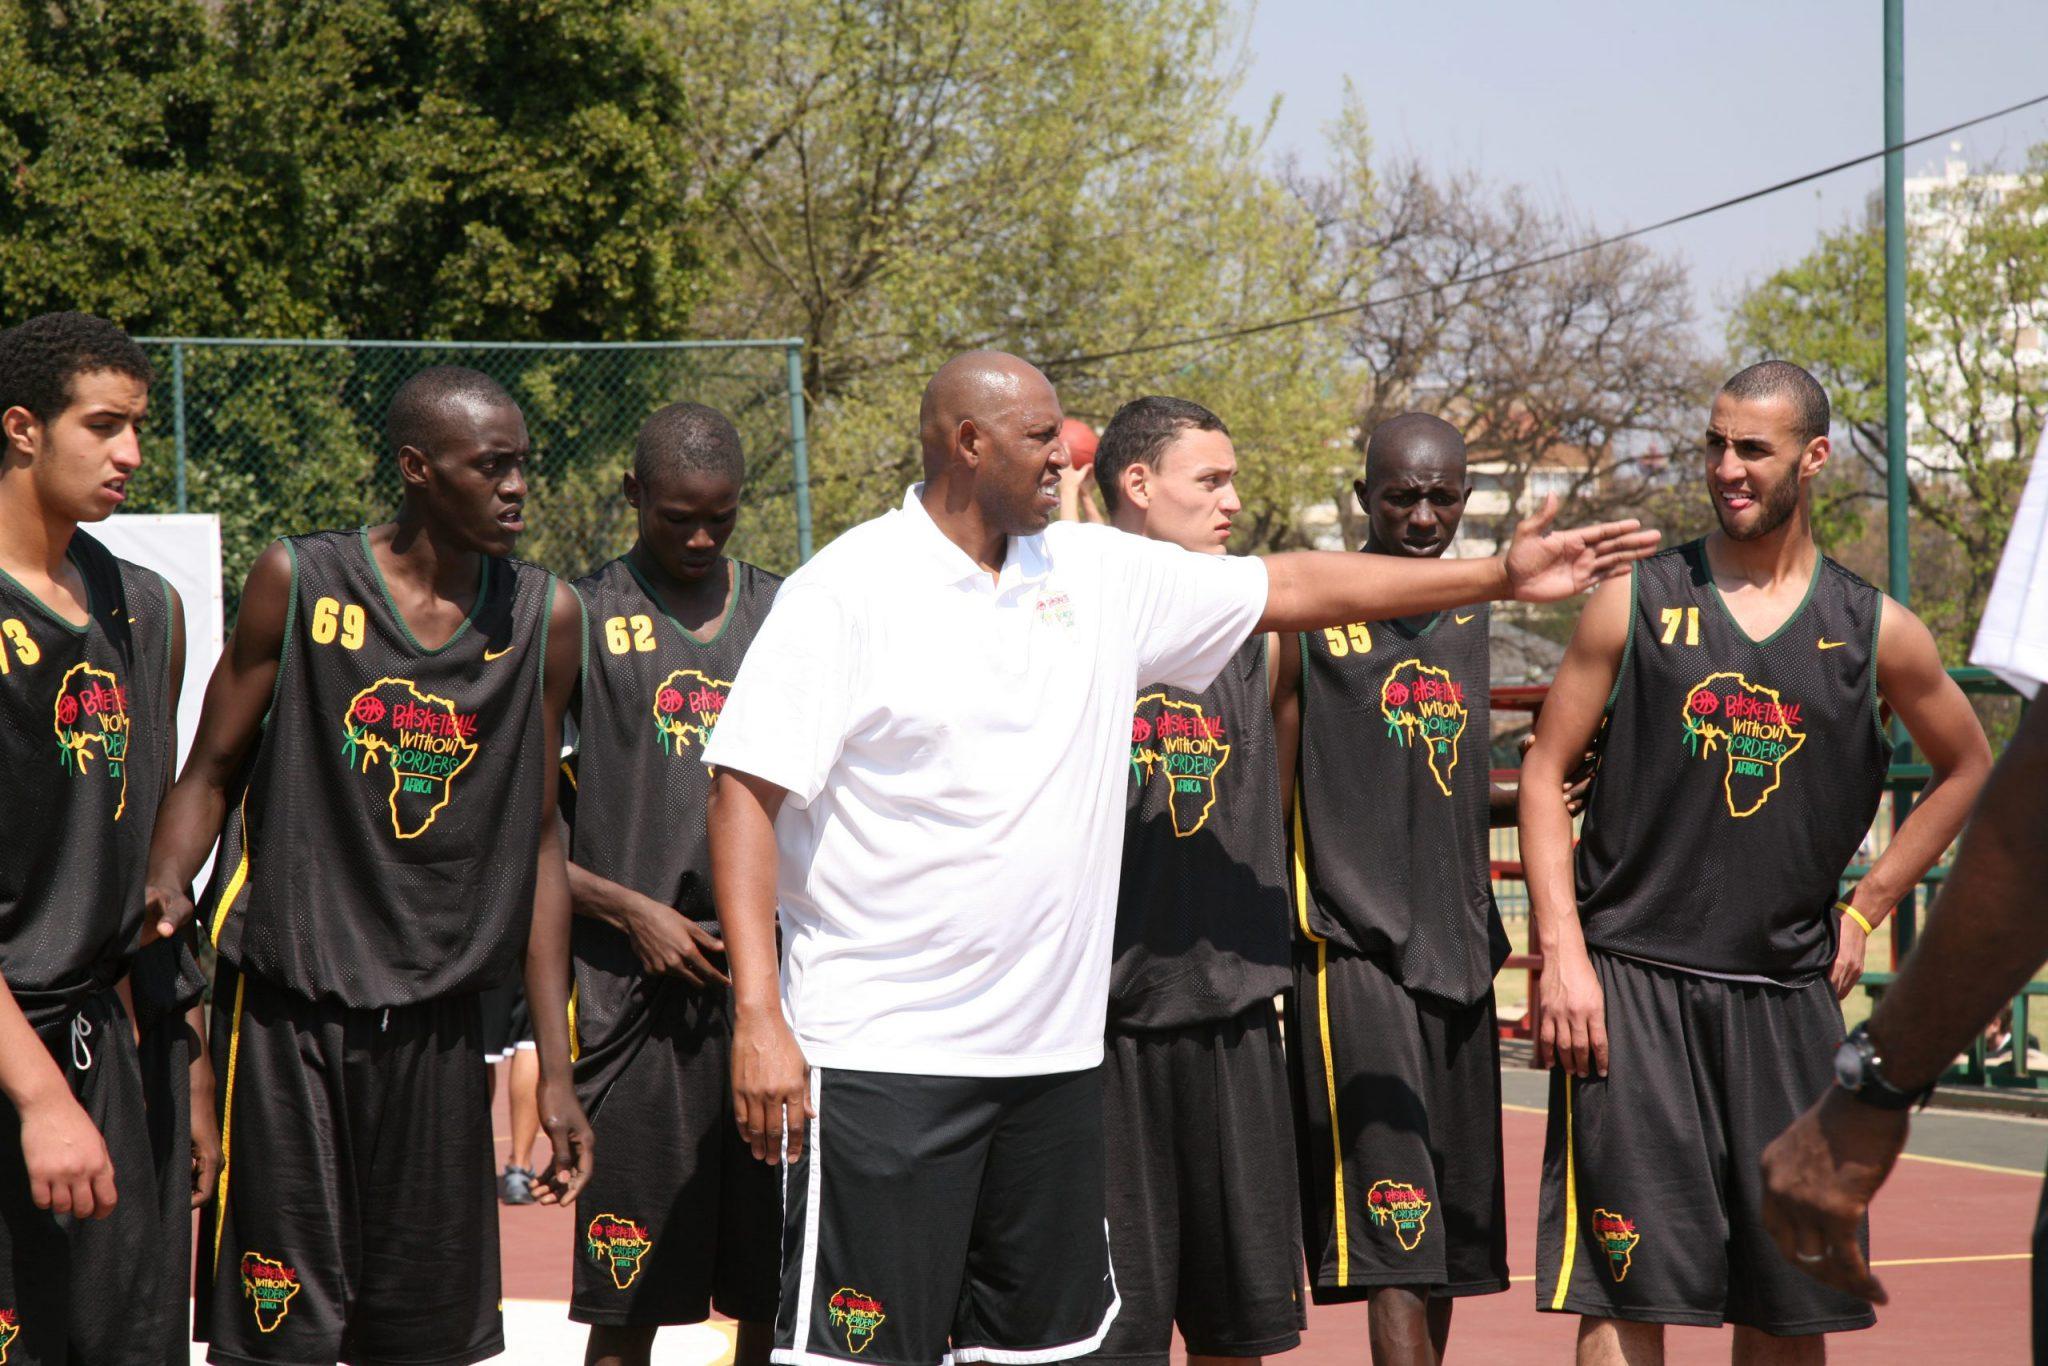 ¿Se encasilla a los jugadores africanos por su tamaño? Muy interesante reflexión de Siakam sobre su valor